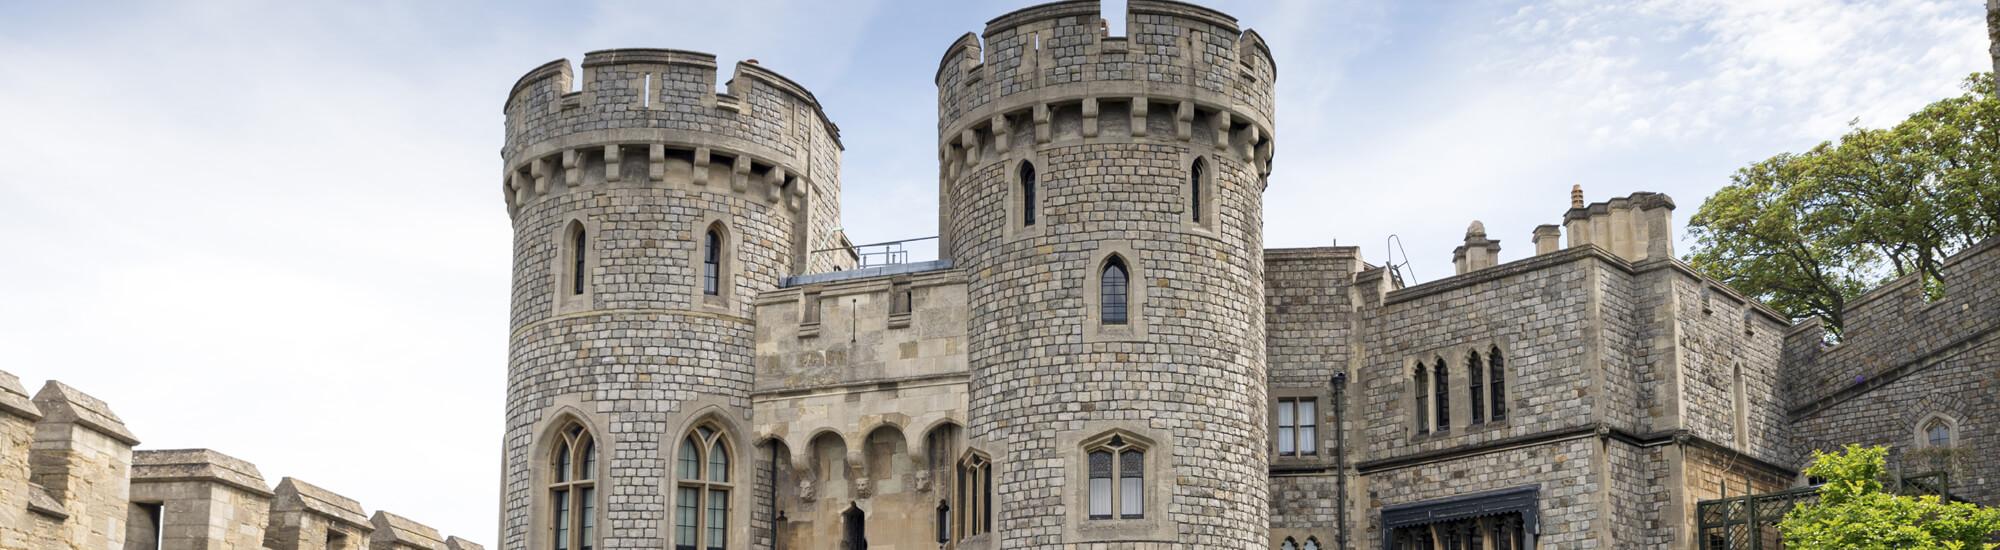 Windsor Castle Chauffeur Driven Tour